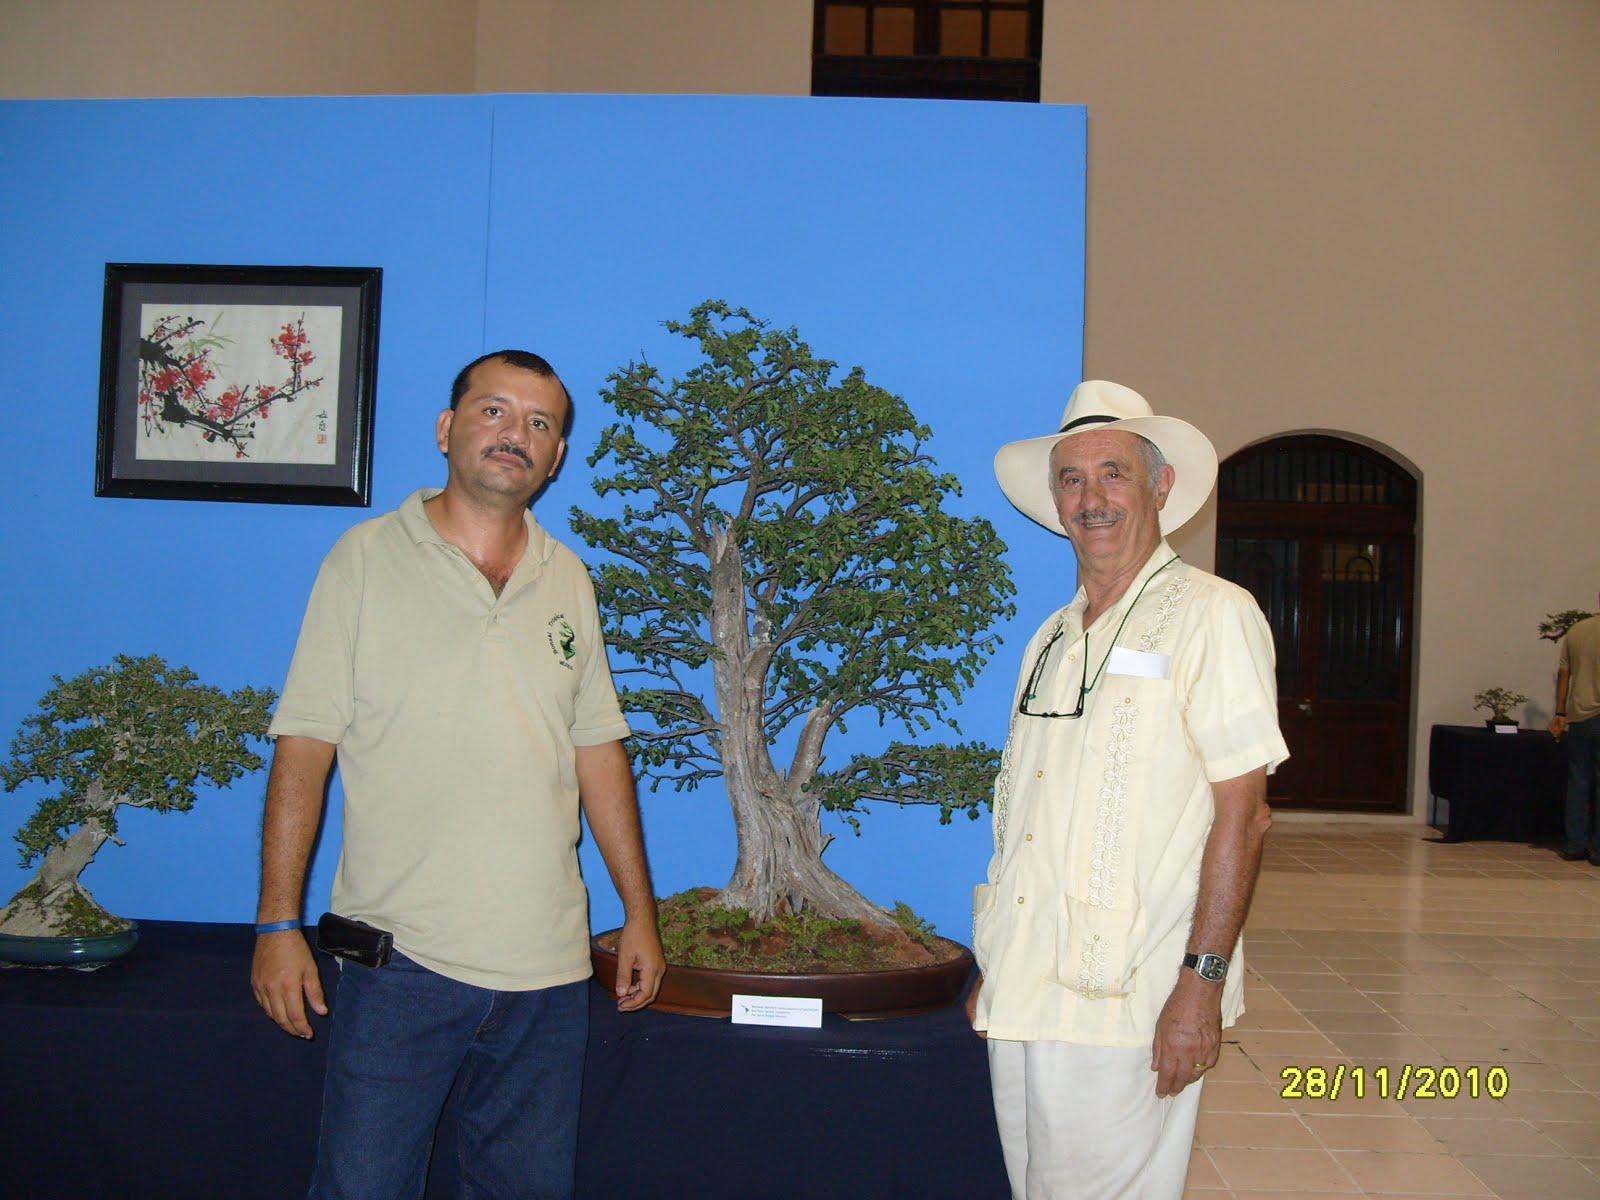 Con el Maestro Guillermo Castaño felab 2010